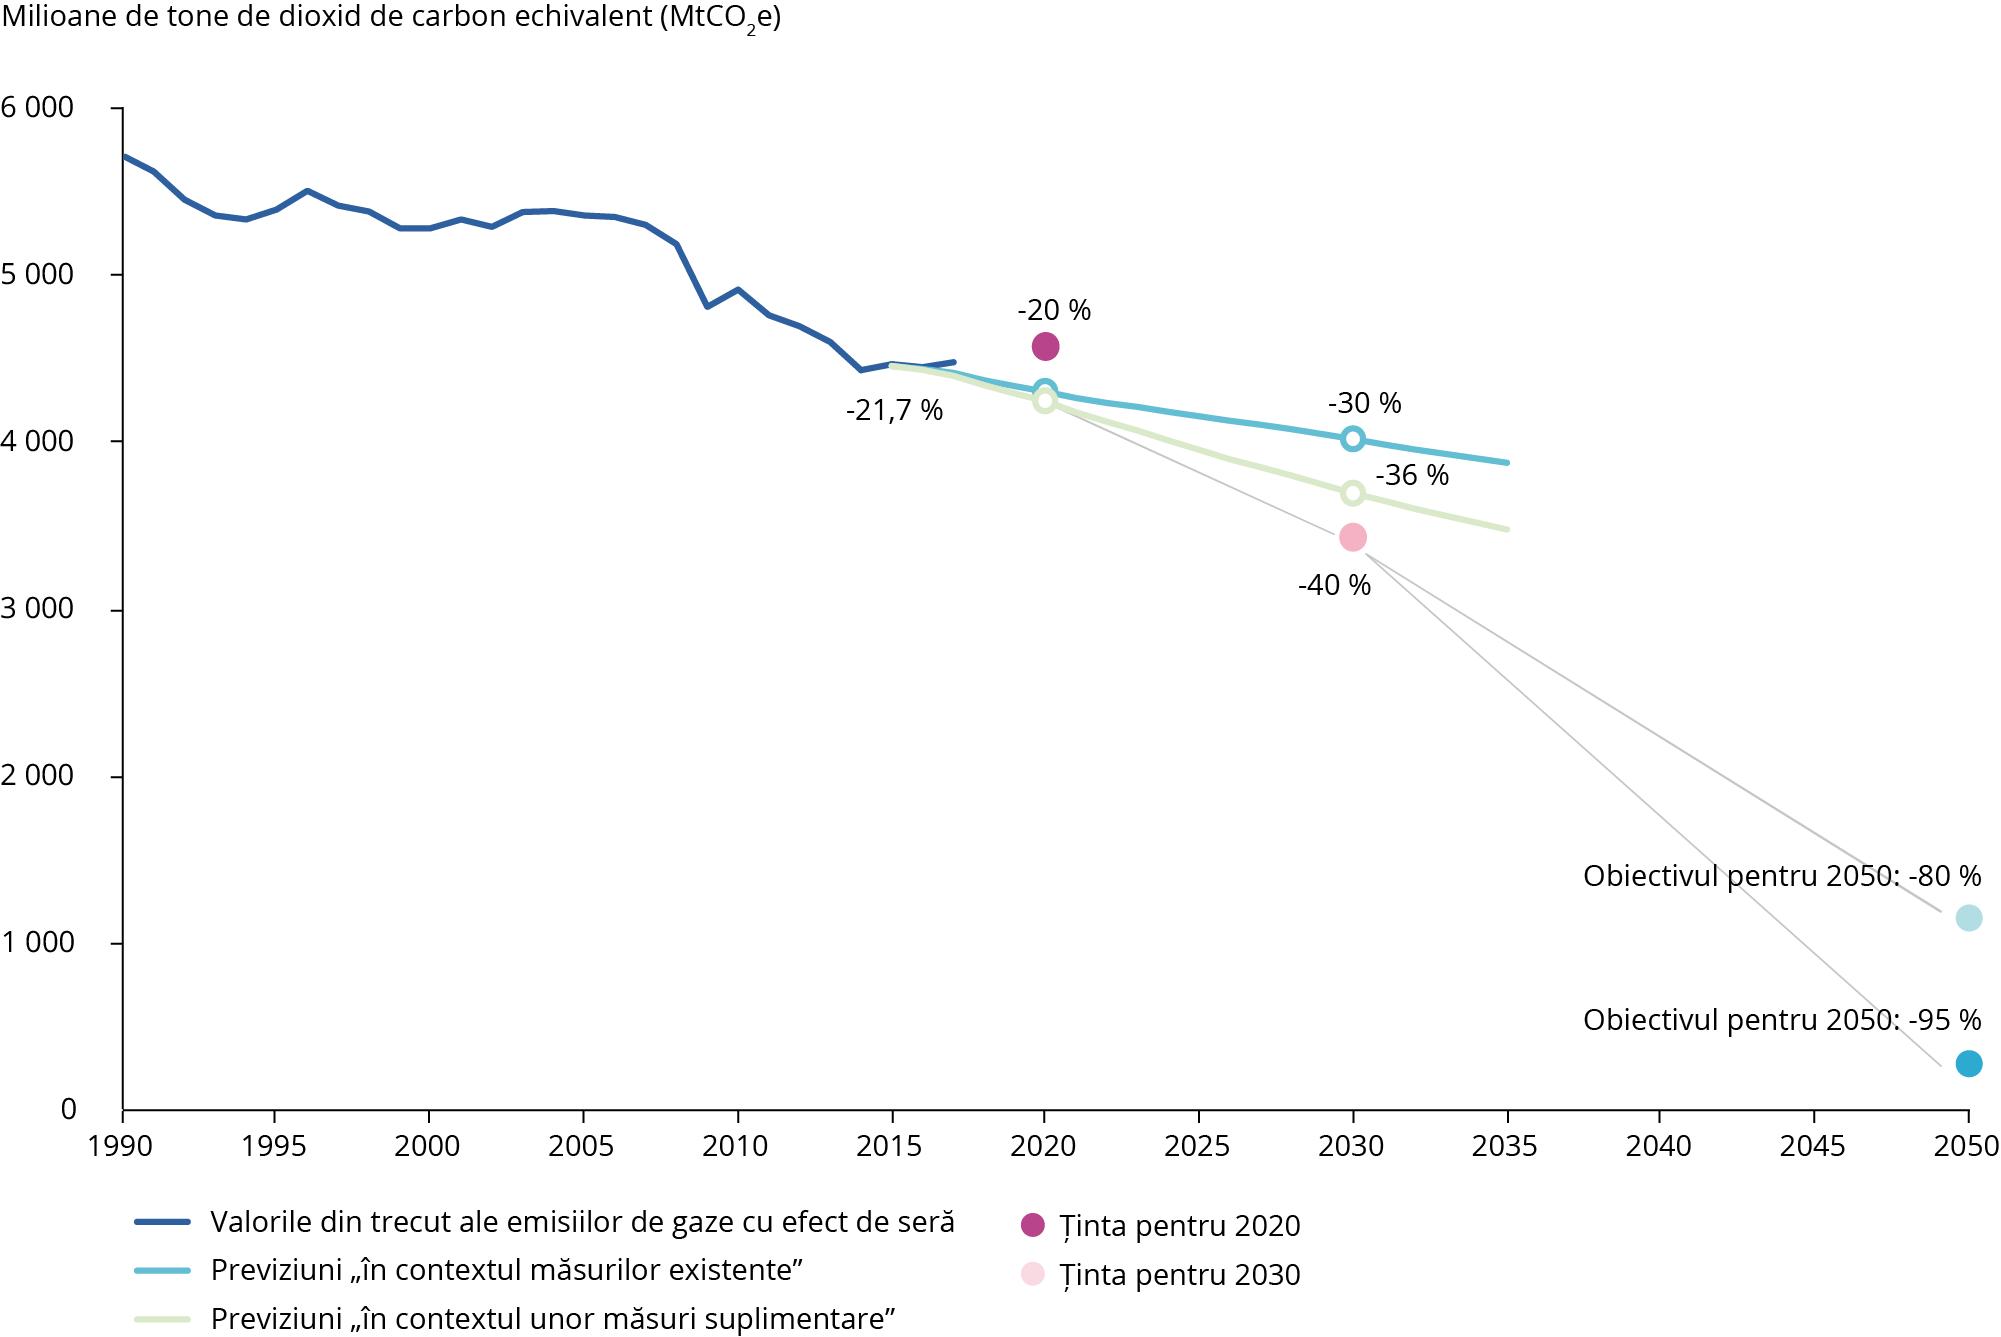 Tendințe și proiecții ale emisiilor de gaze cu efect de seră la nivelul UE-28, 1990-2050